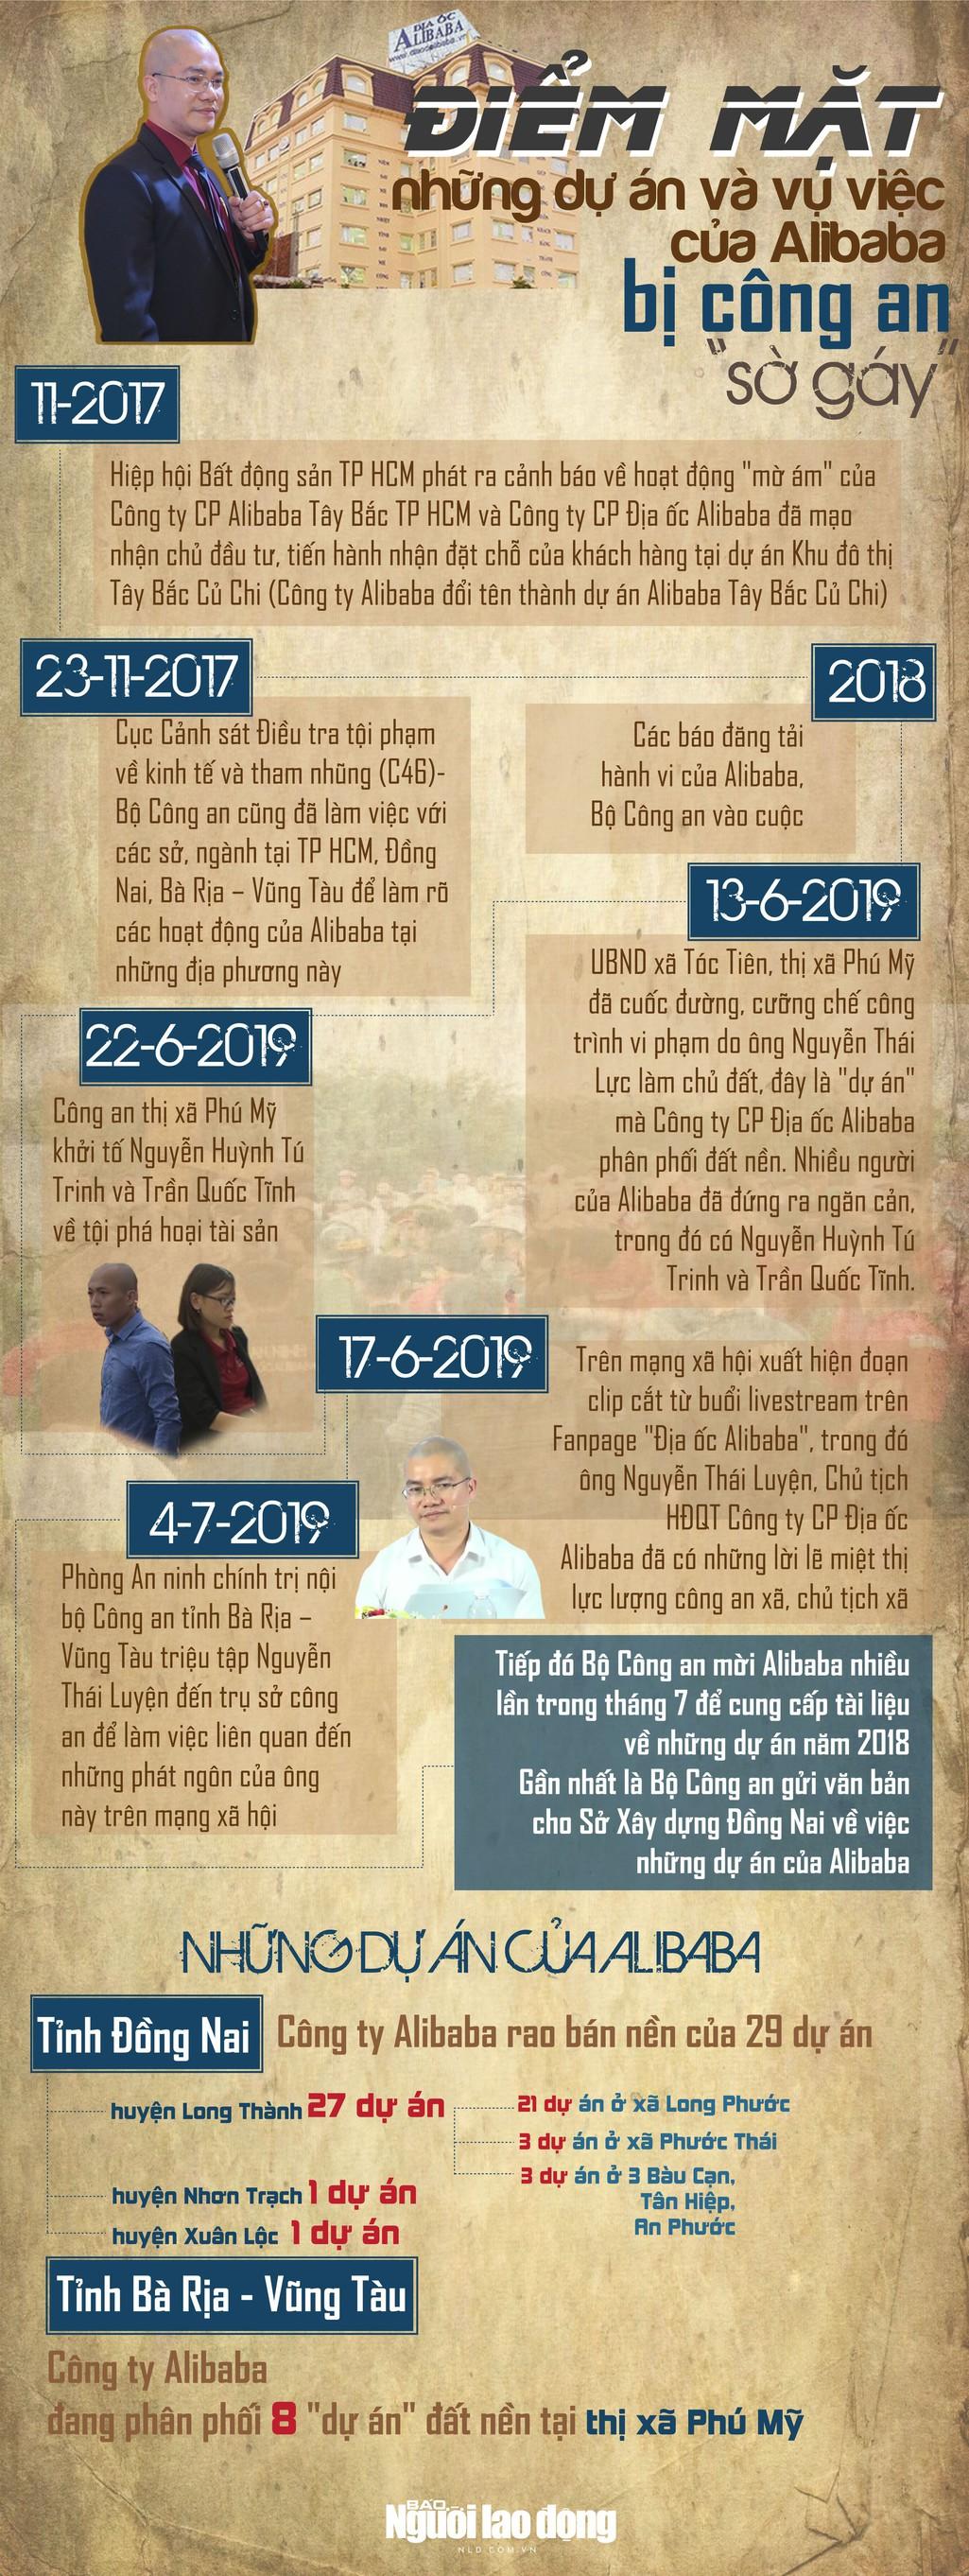 [Infographic] - Điểm mặt những dự án và vụ việc của Alibaba bị công an sờ gáy - Ảnh 1.